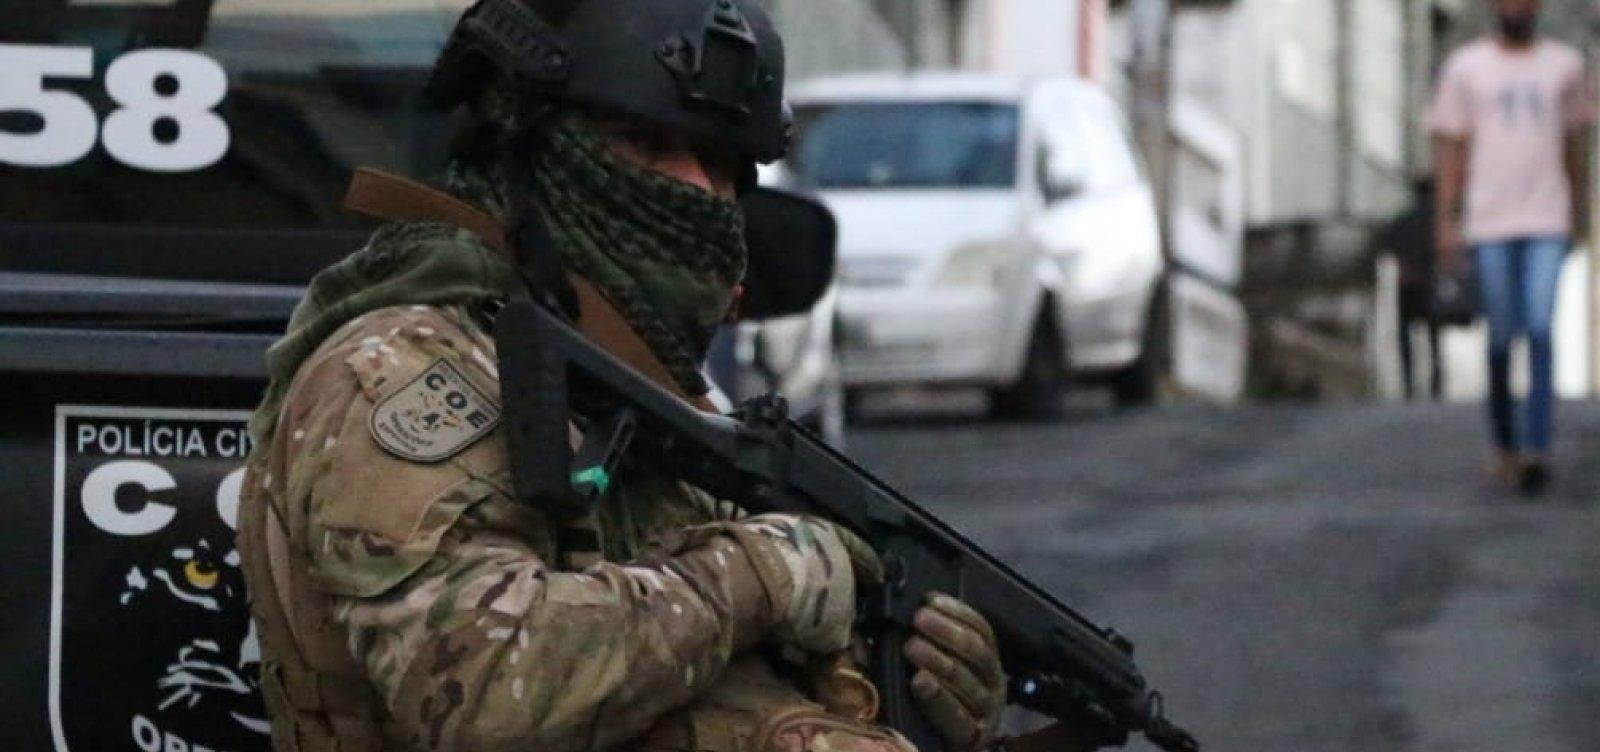 Caso Atakarejo: Polícia retoma buscas por envolvidos na morte de tio e sobrinho